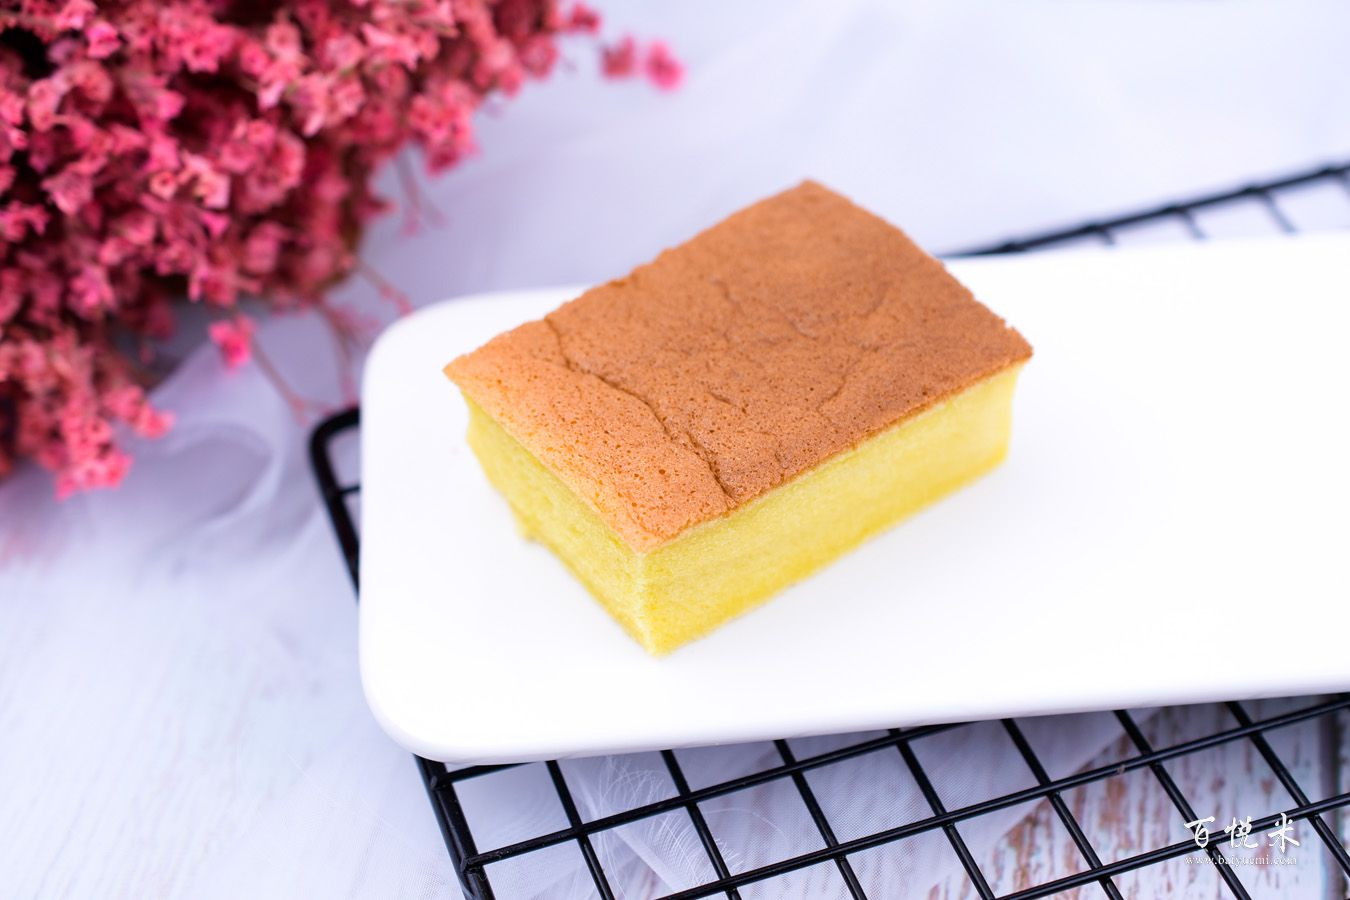 日式棉花蛋糕的做法大全,日式棉花蛋糕培训图文教程分享